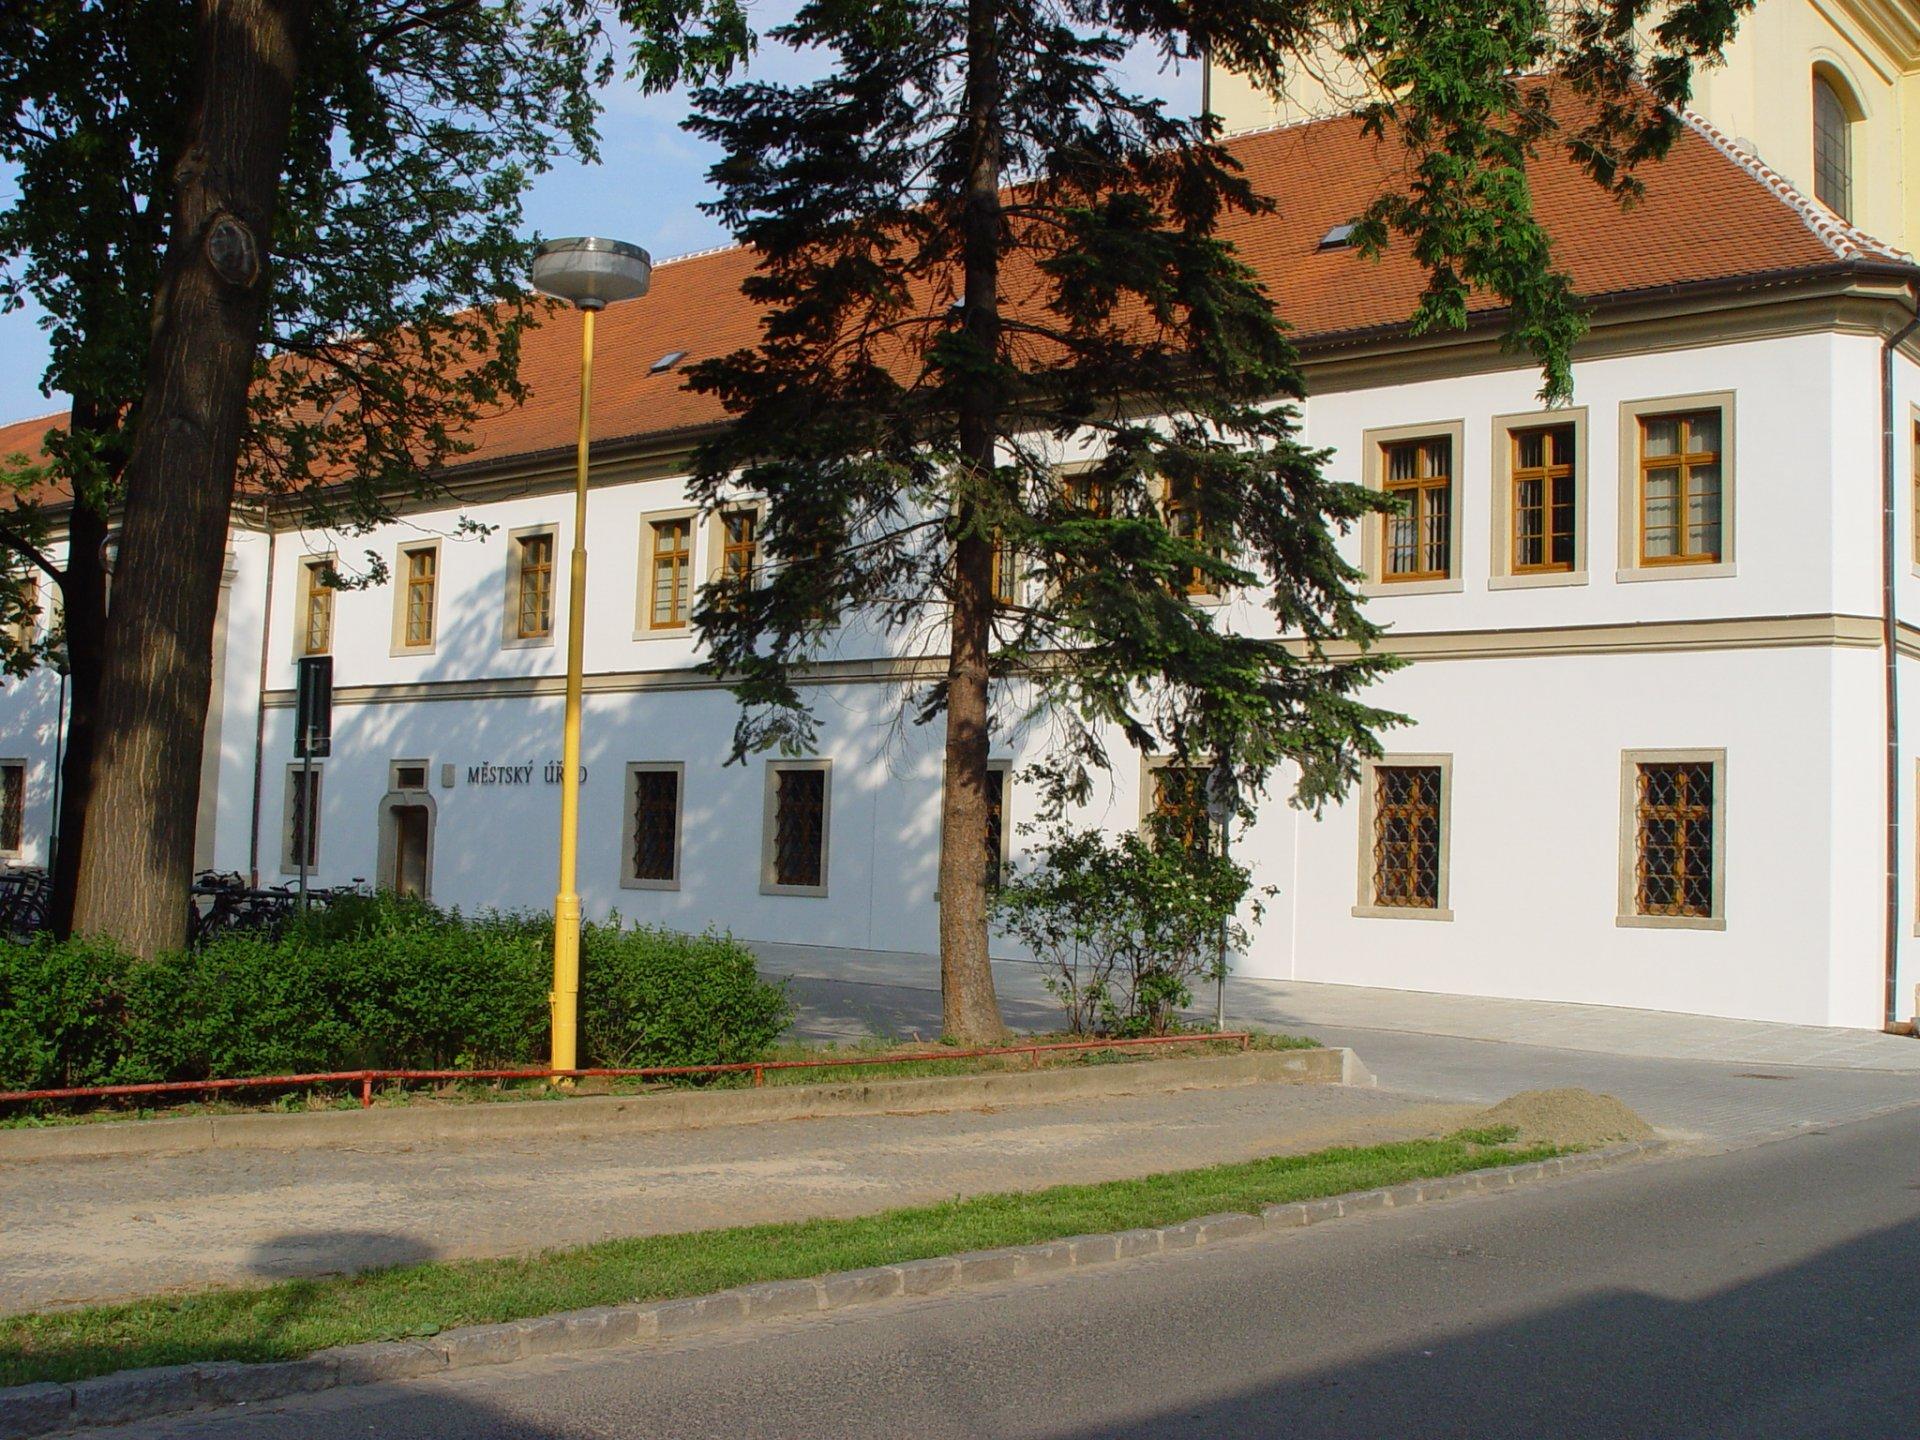 Stávající starosta Miloš Kozumplík ve své funkci dobrovolně skončil